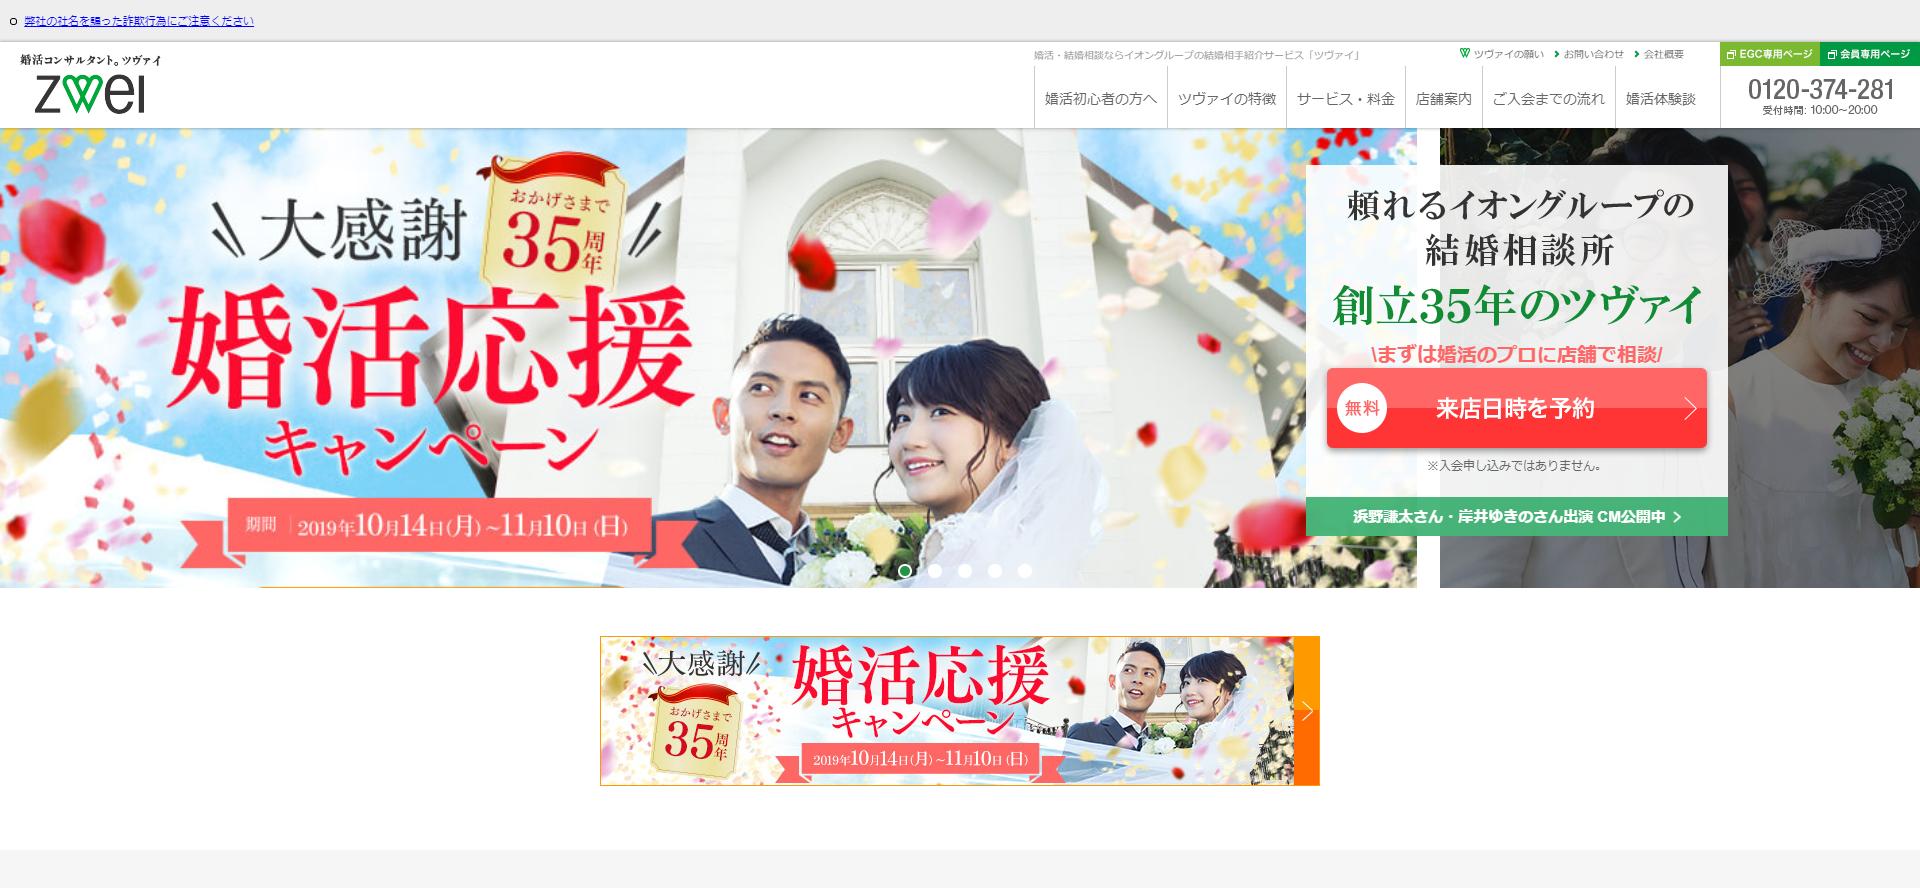 千葉県 結婚相談所 ツヴァイ